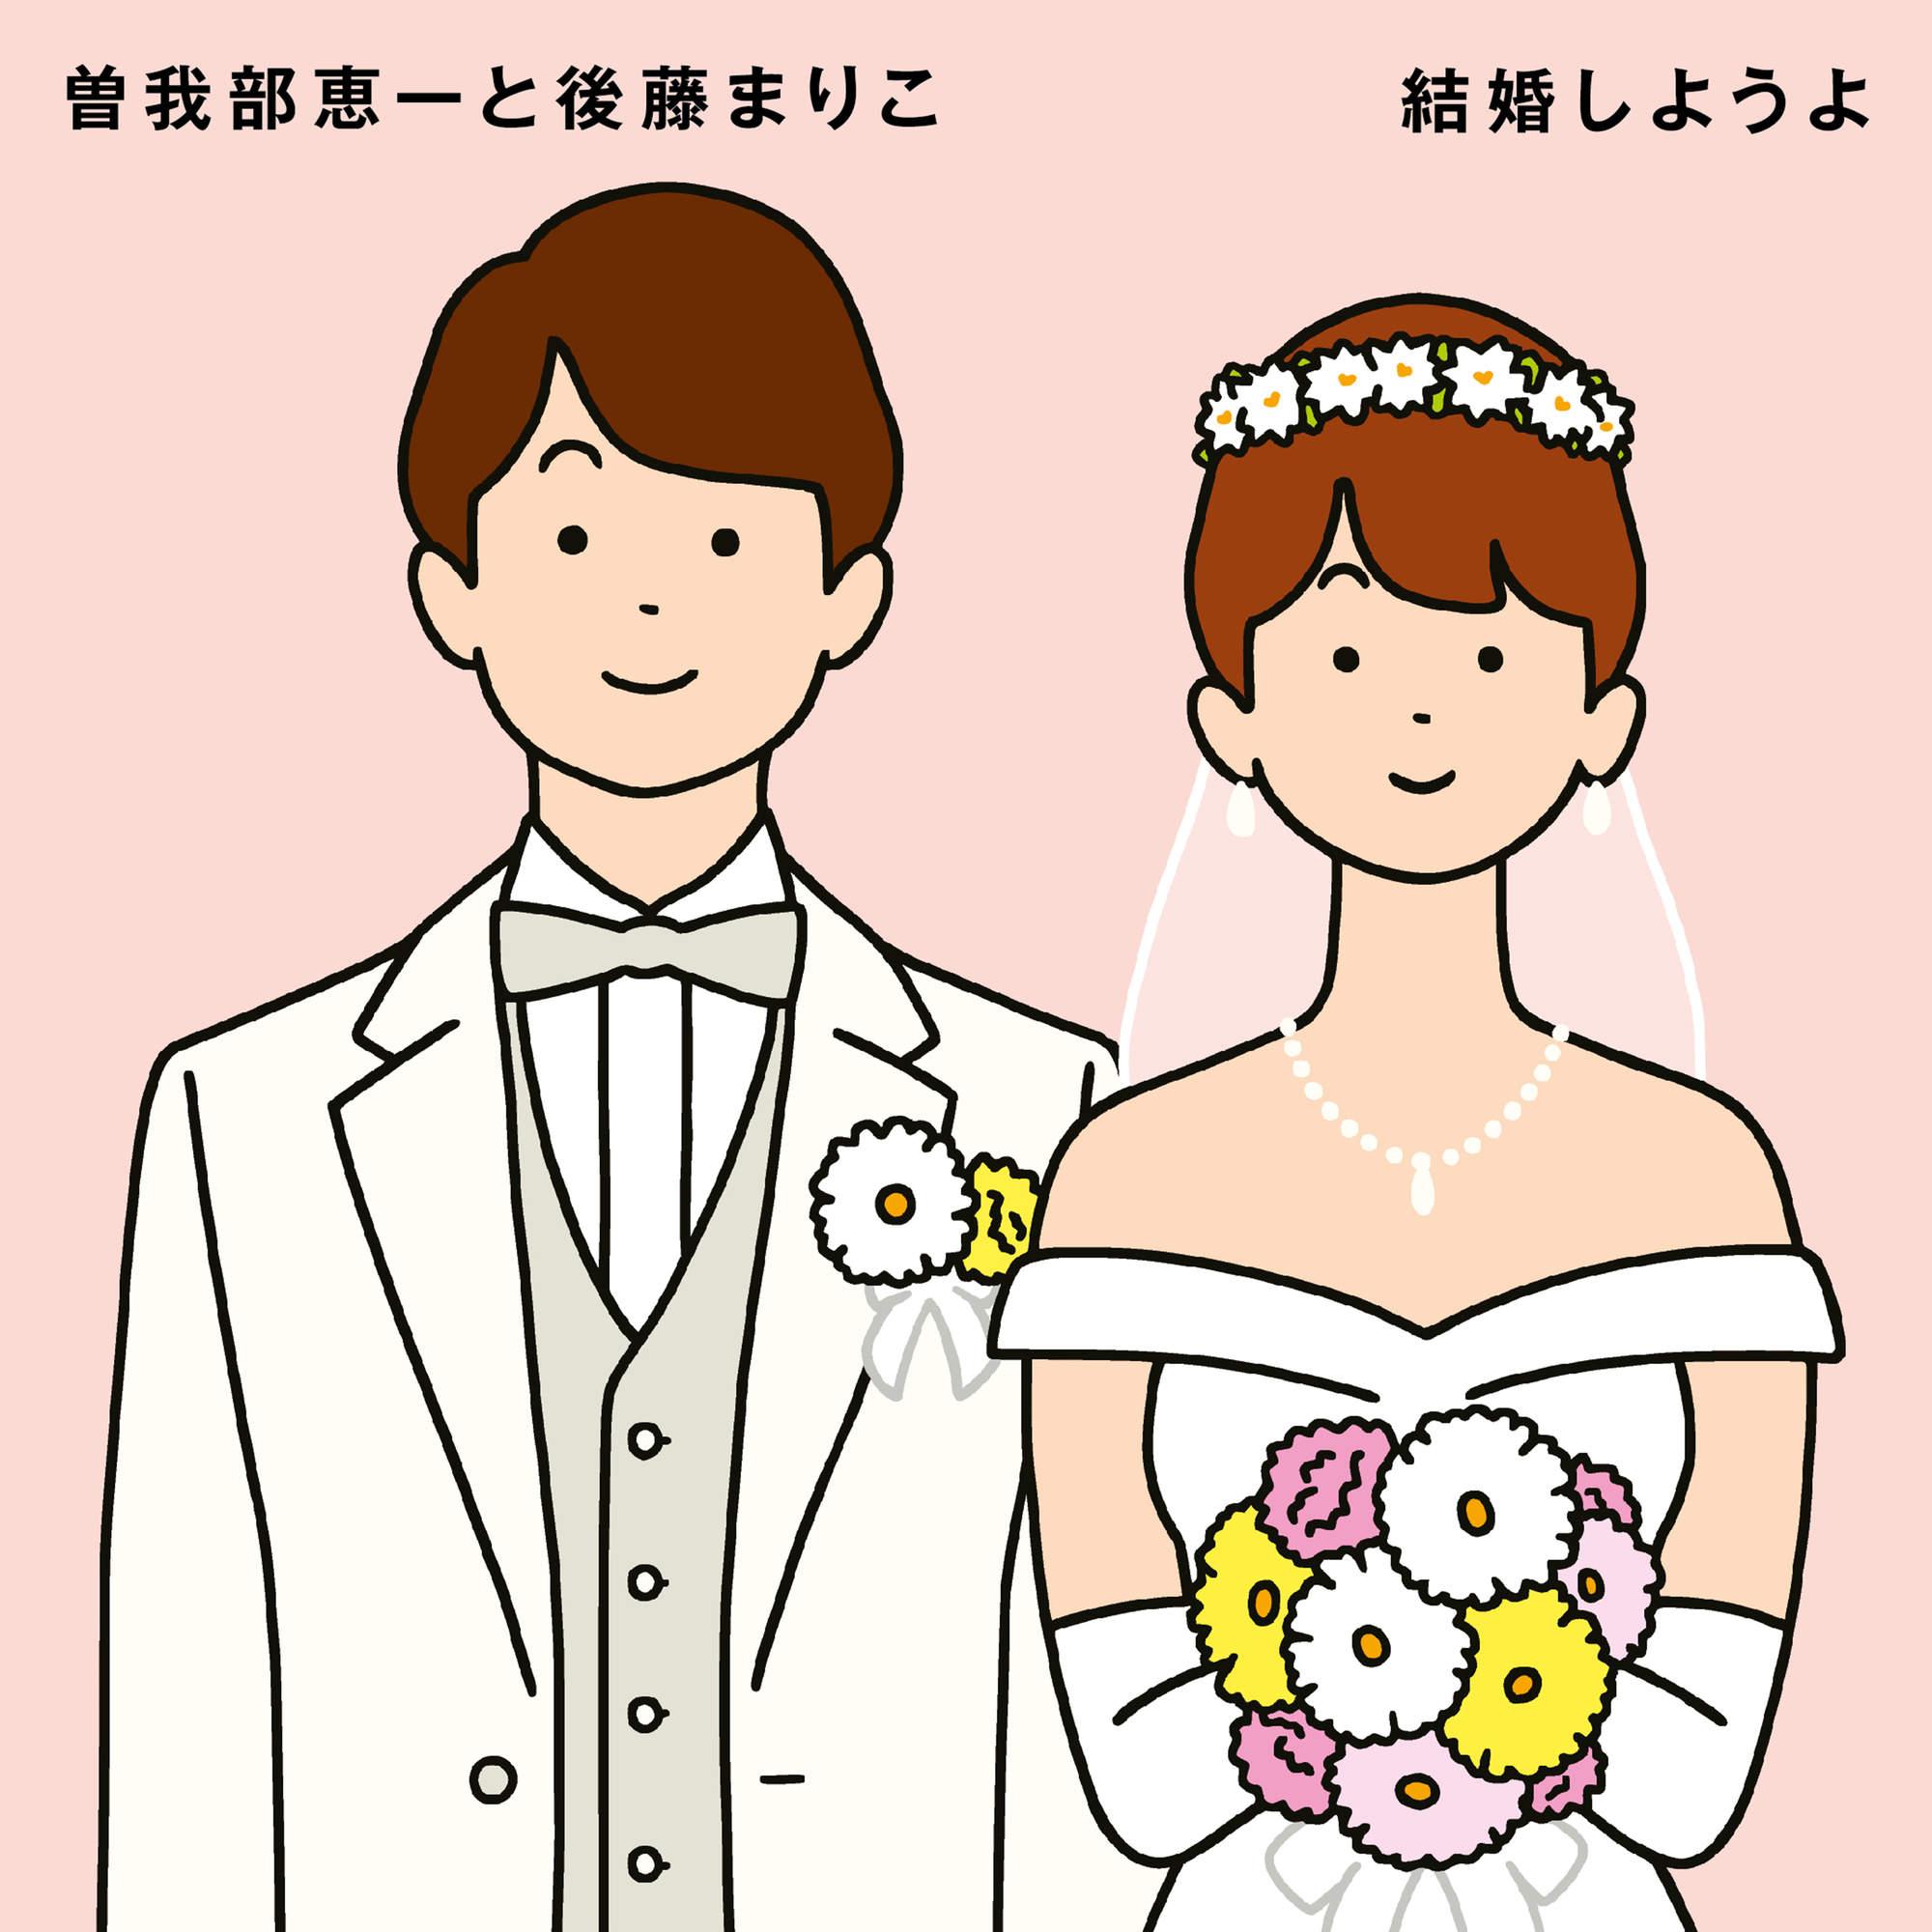 曽我部恵一と後藤まりこ 7inchシングル『結婚しようよ』本日発売日です